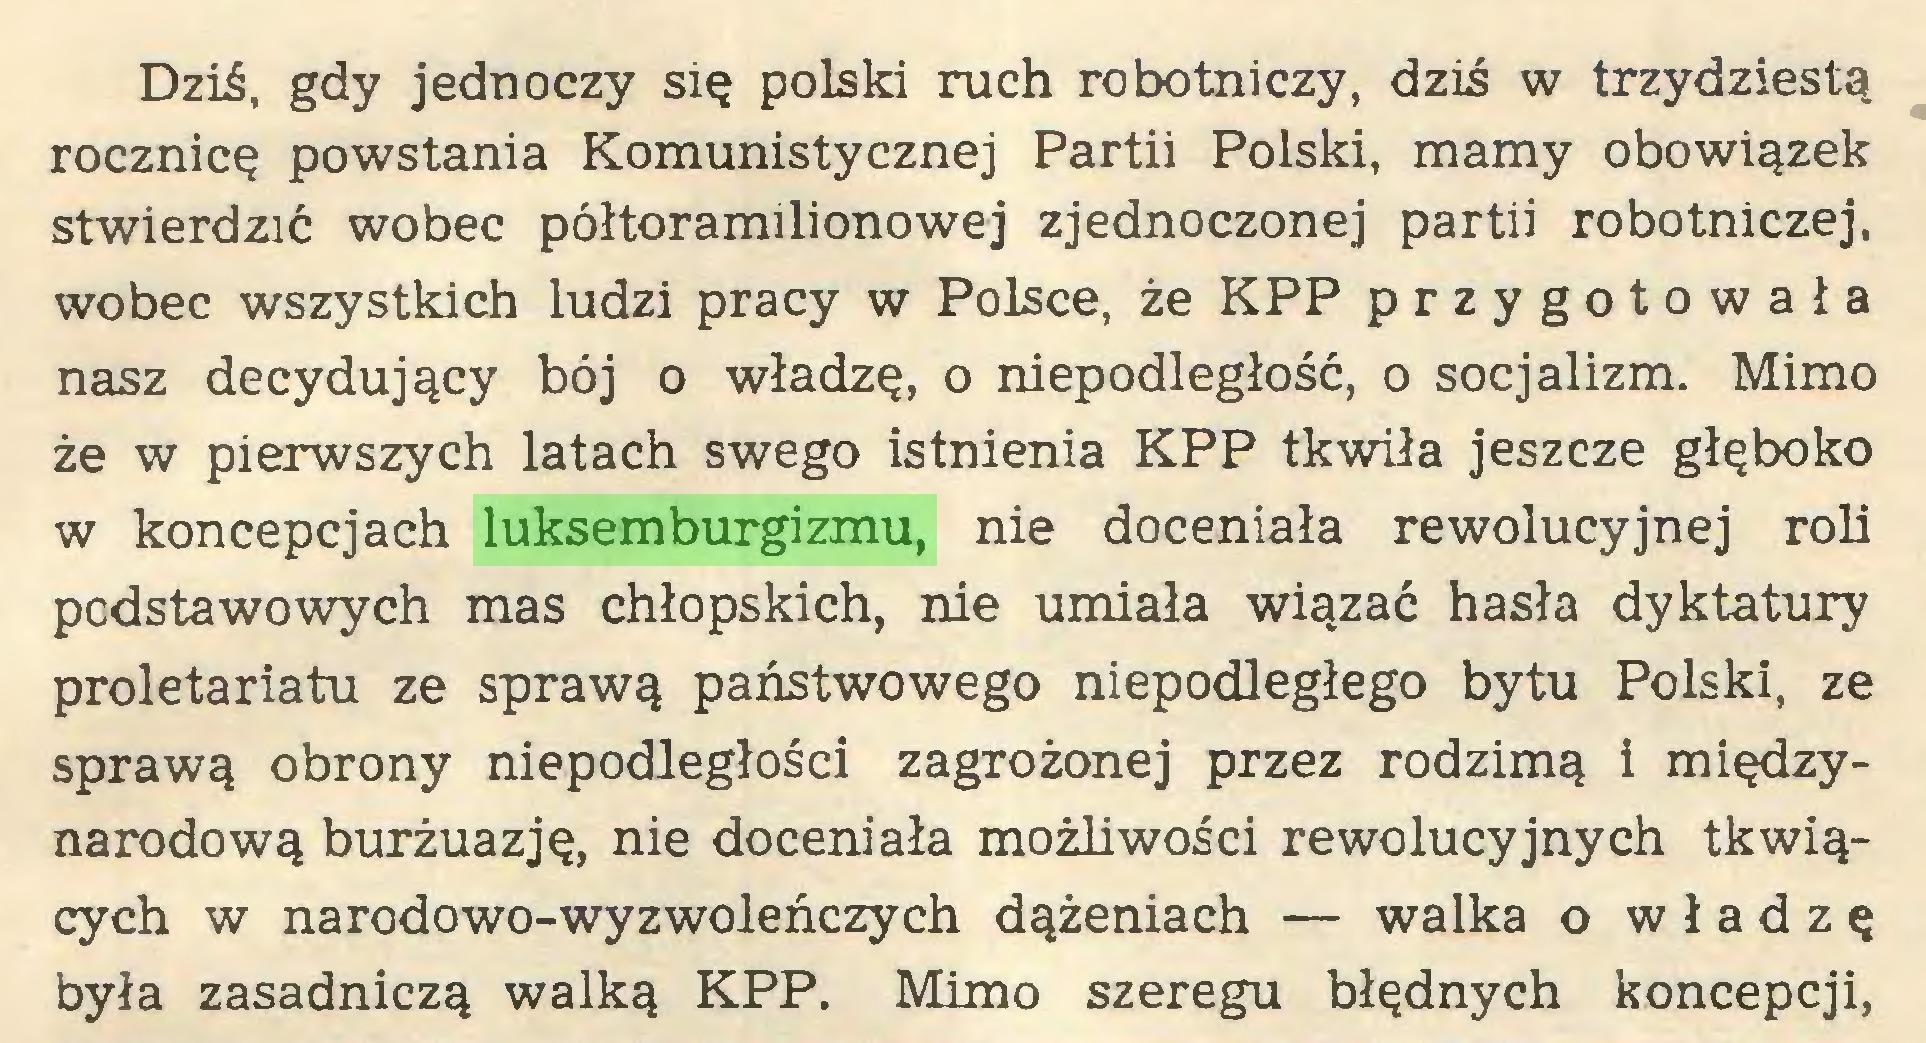 (...) Dziś, gdy jednoczy się polski ruch robotniczy, dziś w trzydziestą rocznicę powstania Komunistycznej Partii Polski, mamy obowiązek stwierdzić wobec półtoramilionowej zjednoczonej partii robotniczej, wobec wszystkich ludzi pracy w Polsce, że KPP przygotowała nasz decydujący bój o władzę, o niepodległość, o socjalizm. Mimo że w pierwszych latach swego istnienia KPP tkwiła jeszcze głęboko w koncepcjach luksemburgizmu, nie doceniała rewolucyjnej roli podstawowych mas chłopskich, nie umiała wiązać hasła dyktatury proletariatu ze sprawą państwowego niepodległego bytu Polski, ze sprawą obrony niepodległości zagrożonej przez rodzimą i międzynarodową burżuazję, nie doceniała możliwości rewolucyjnych tkwiących w narodowo-wyzwoleńczych dążeniach — walka o władzę była zasadniczą walką KPP. Mimo szeregu błędnych koncepcji,...